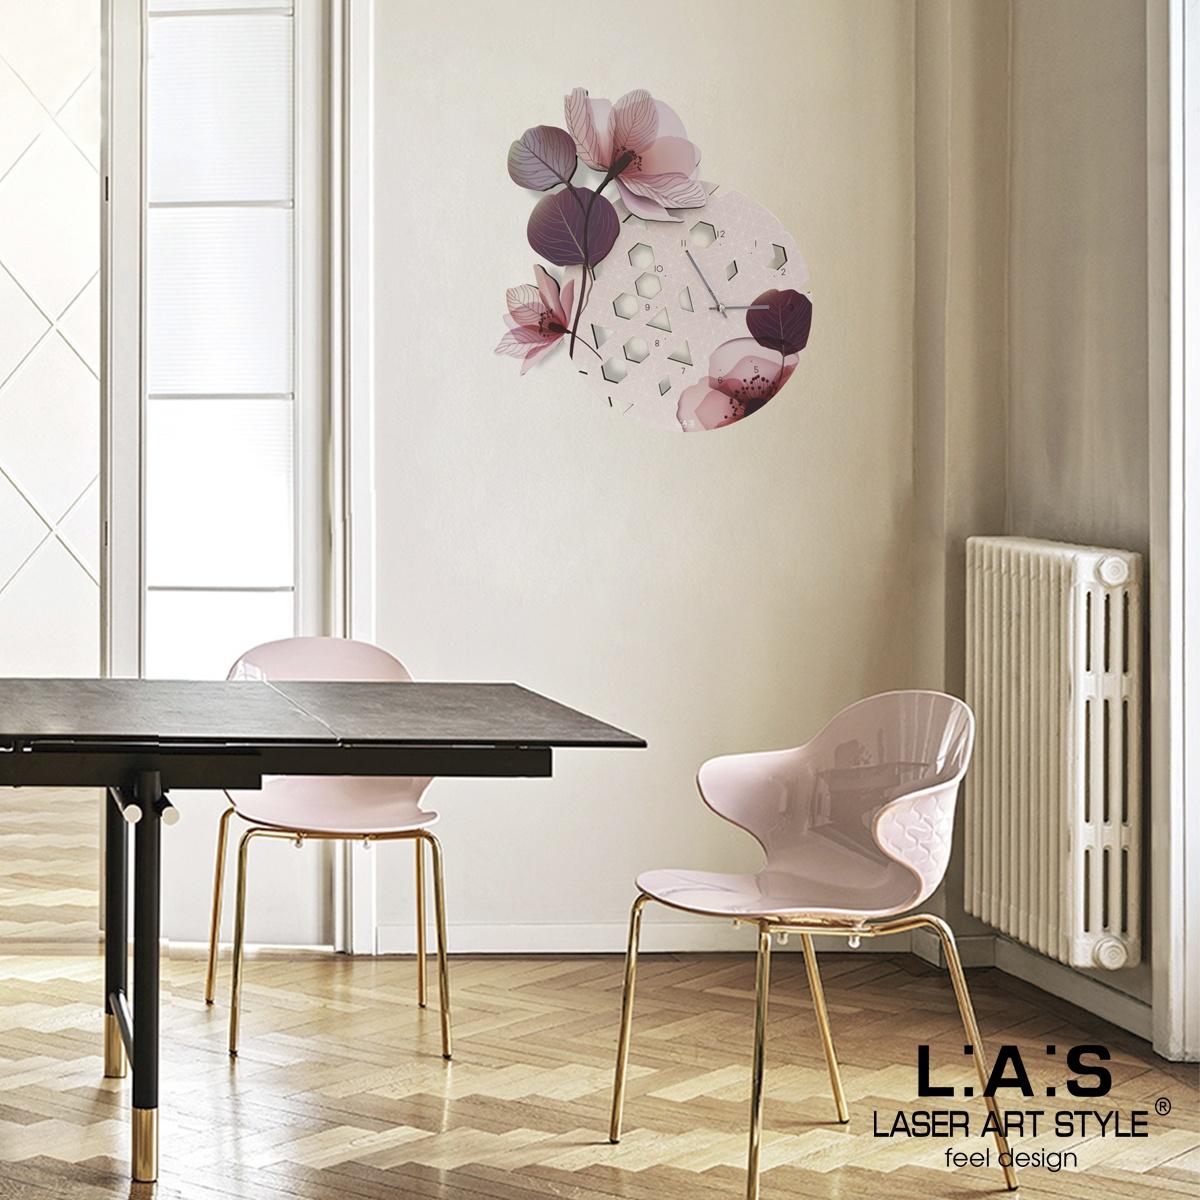 L:A:S - Laser Art Style - OROLOGIO DA PARETE DESIGN FLOREALE – SI-538 ROSA